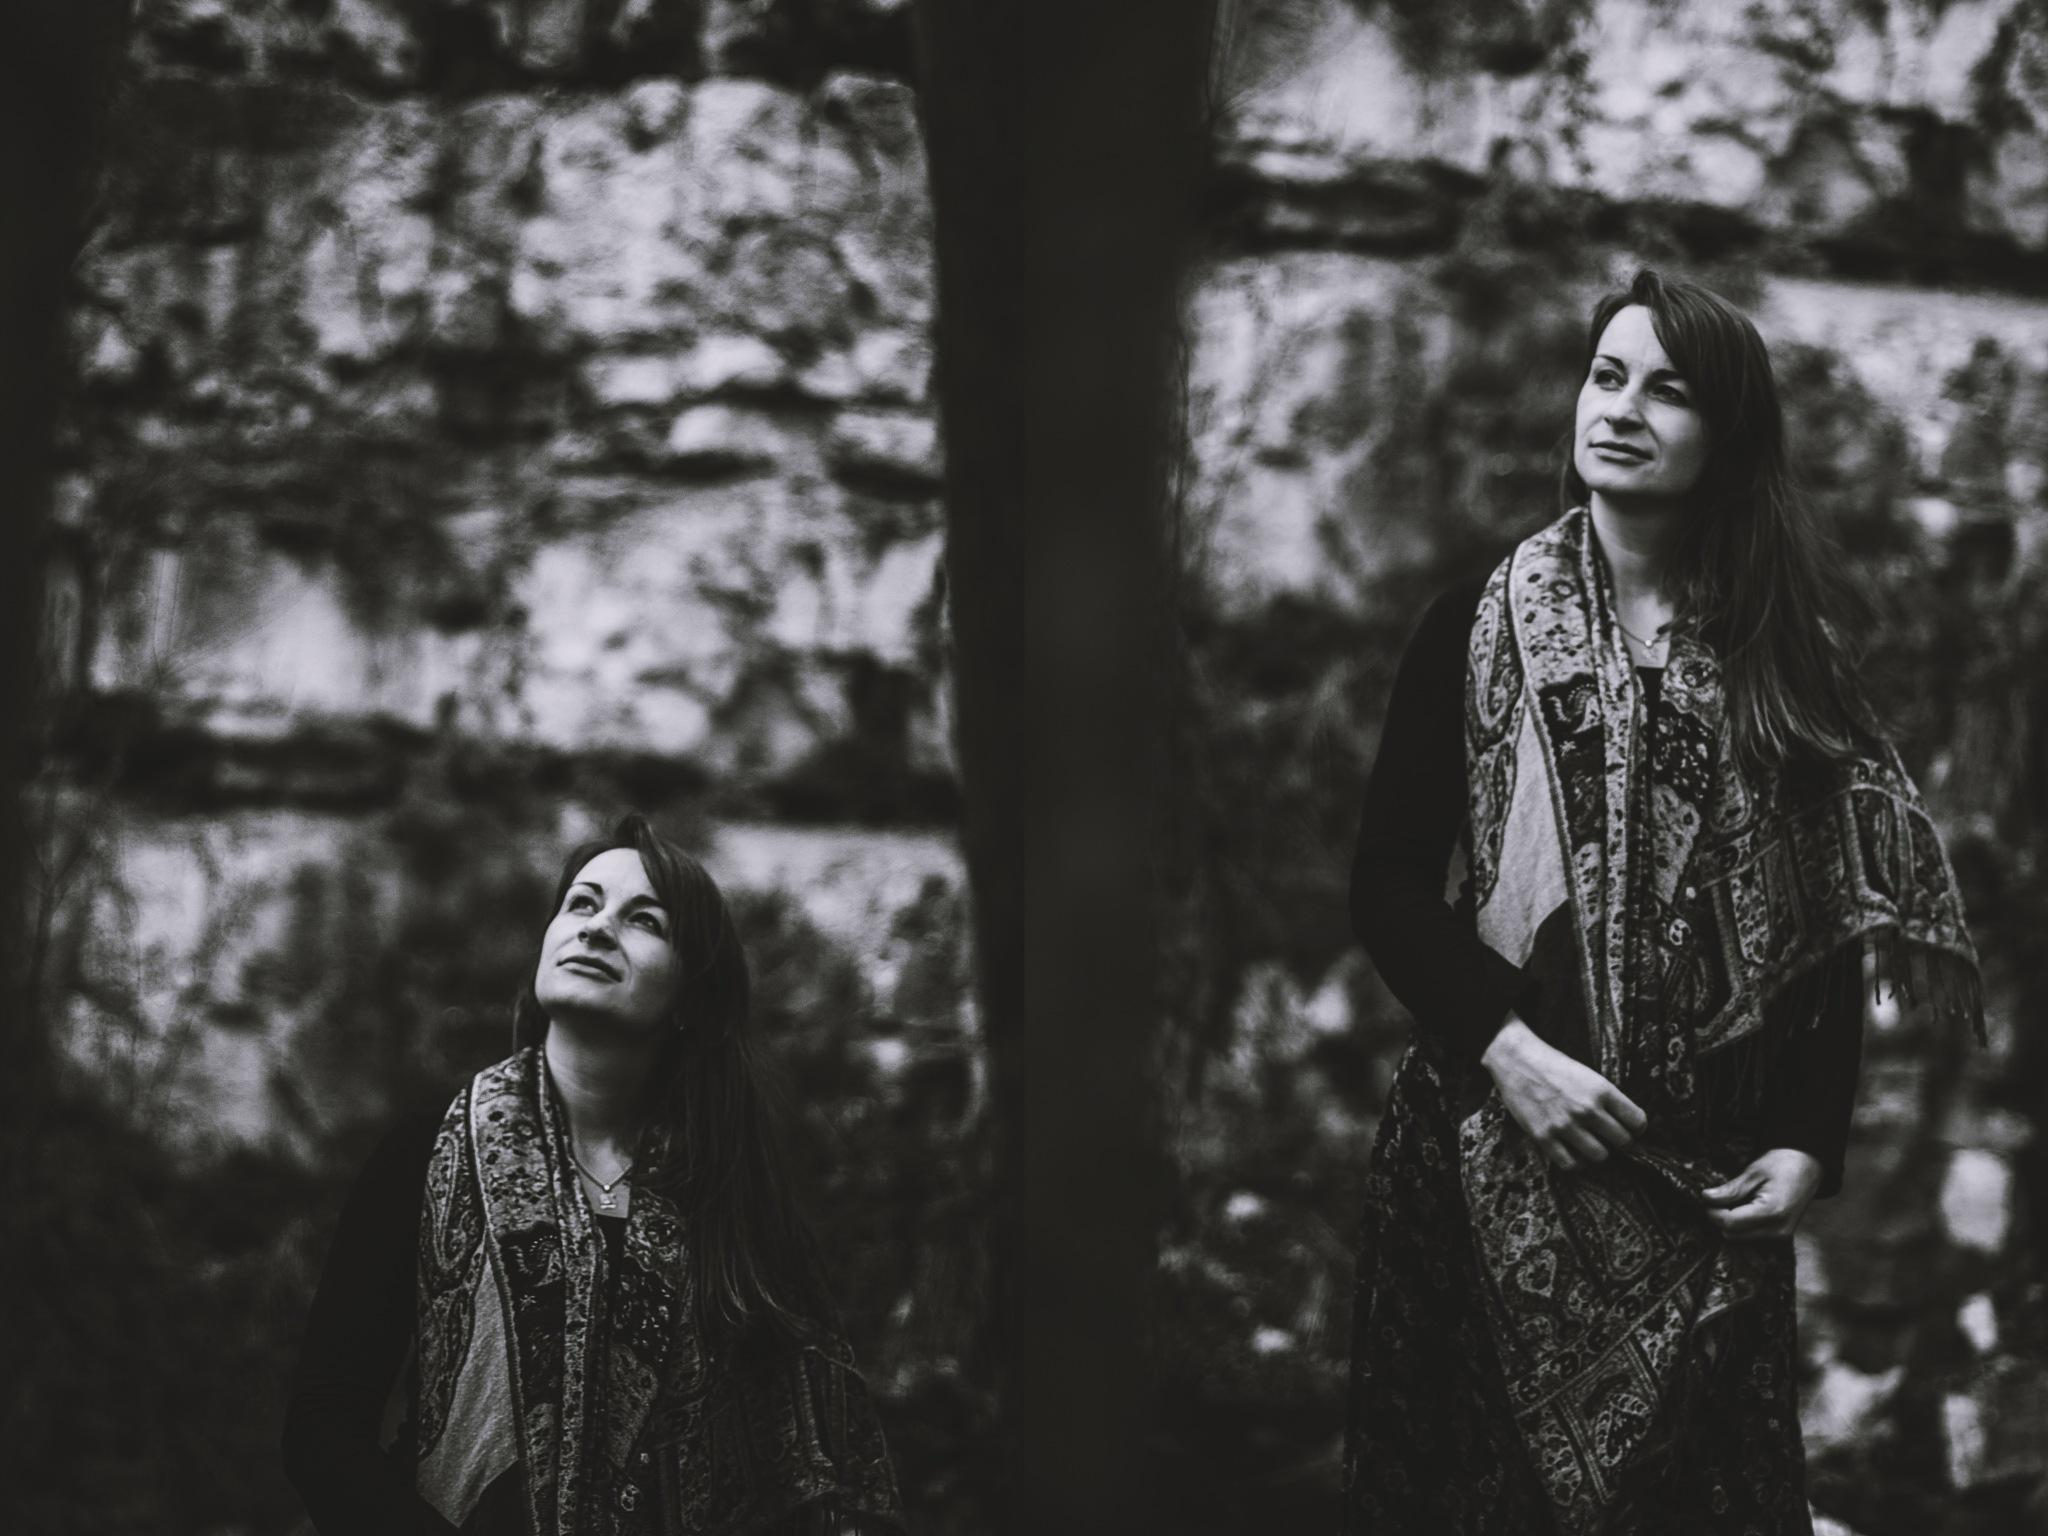 M by Ewelina Krupa